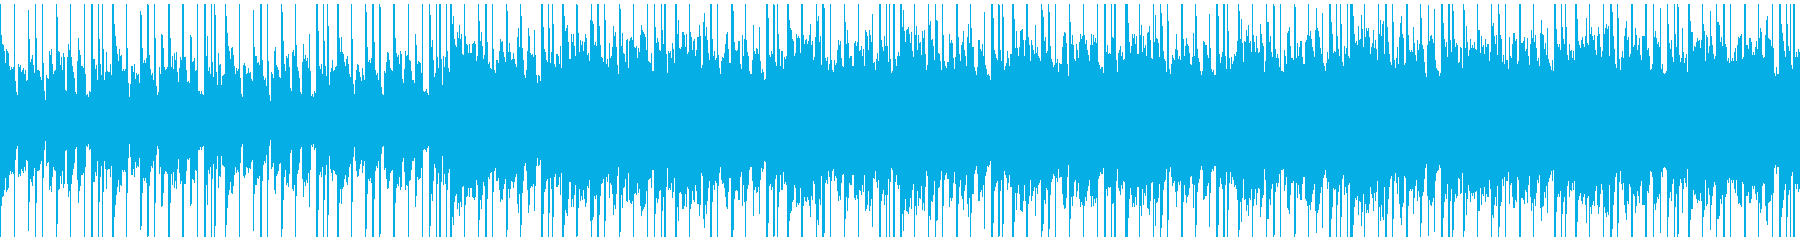 シンセの旋律がアンニュイな空気を作る曲の再生済みの波形